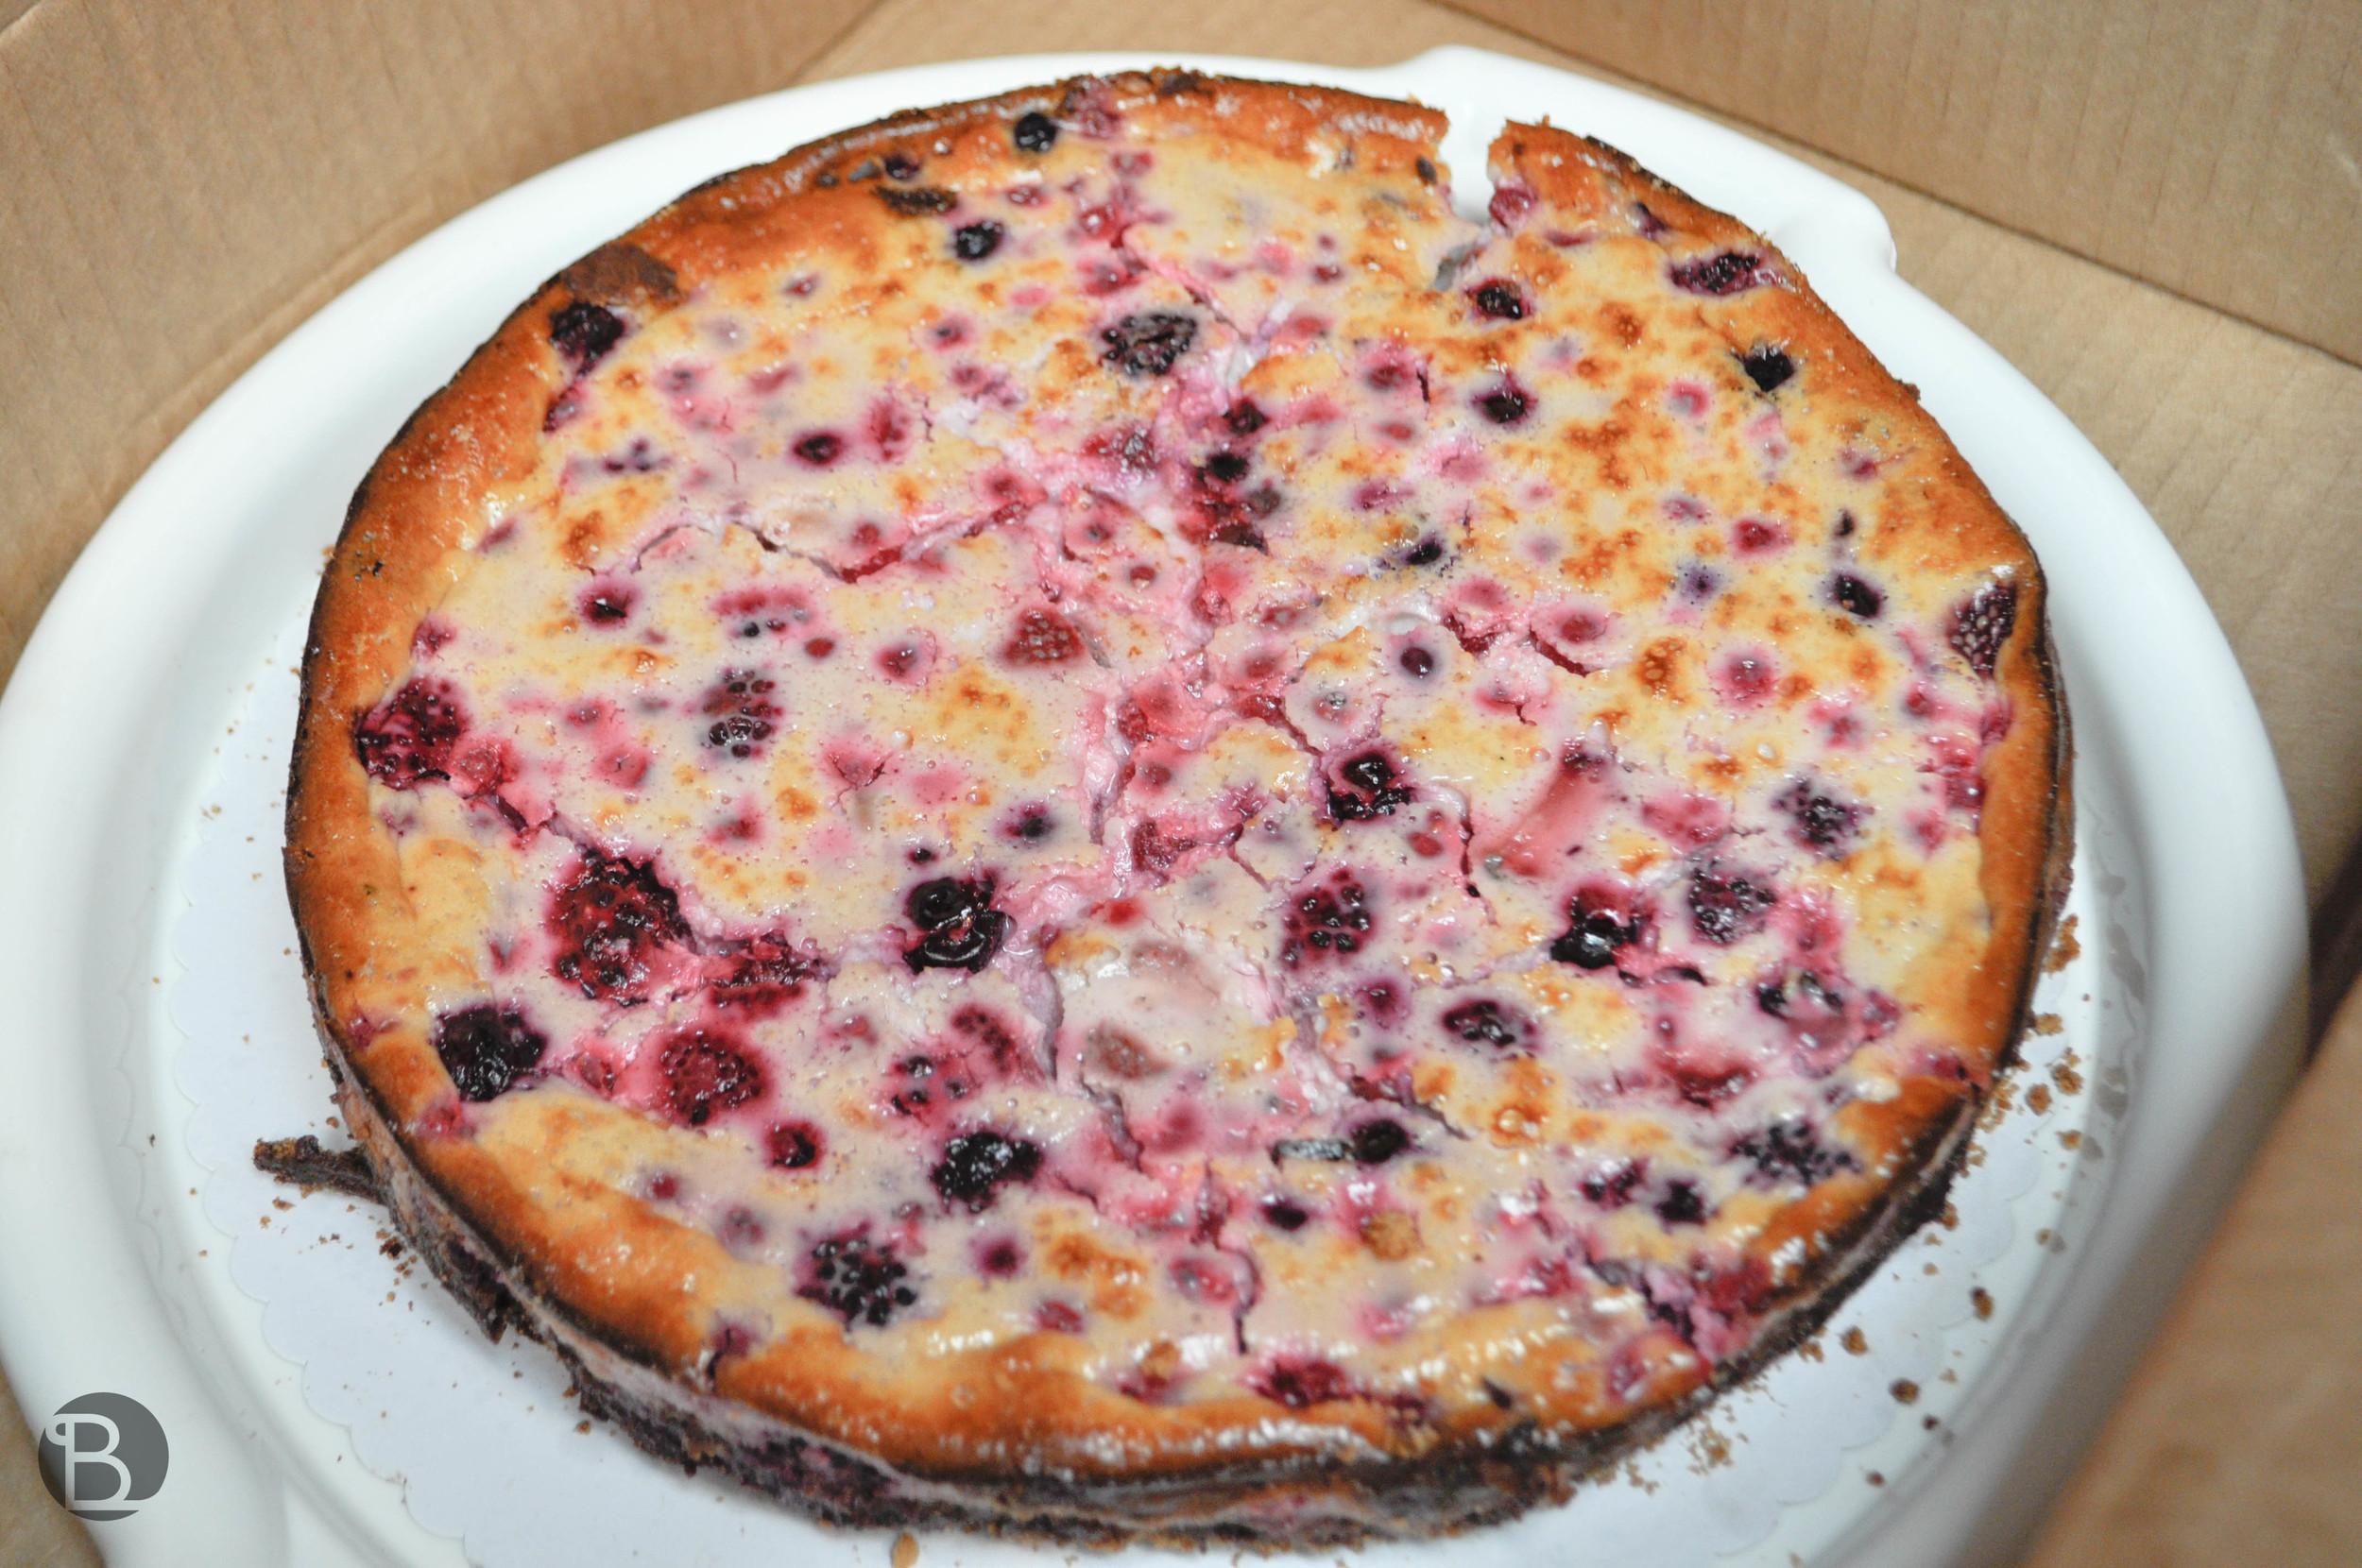 stur cheesecake